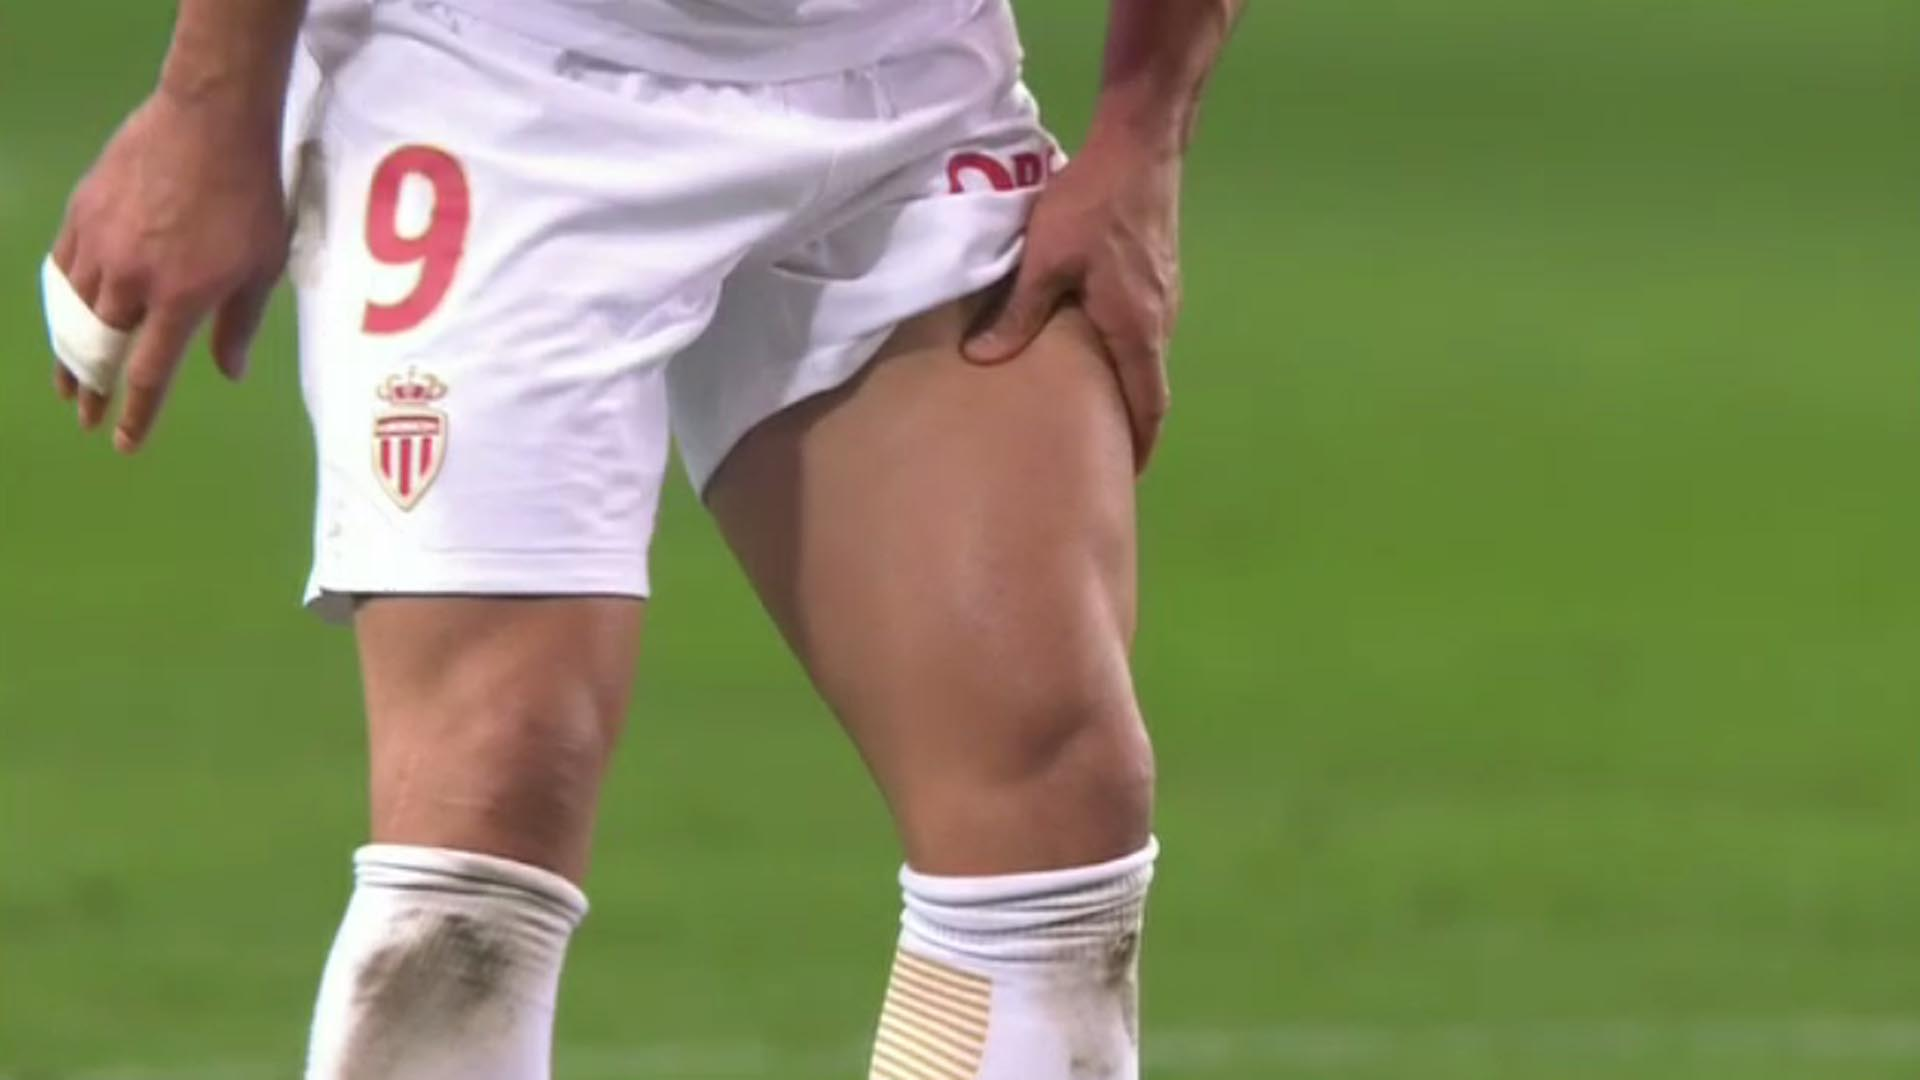 La imagen de Radamel Falcao retirándose del terreno de juego con evidente gesto de dolor.